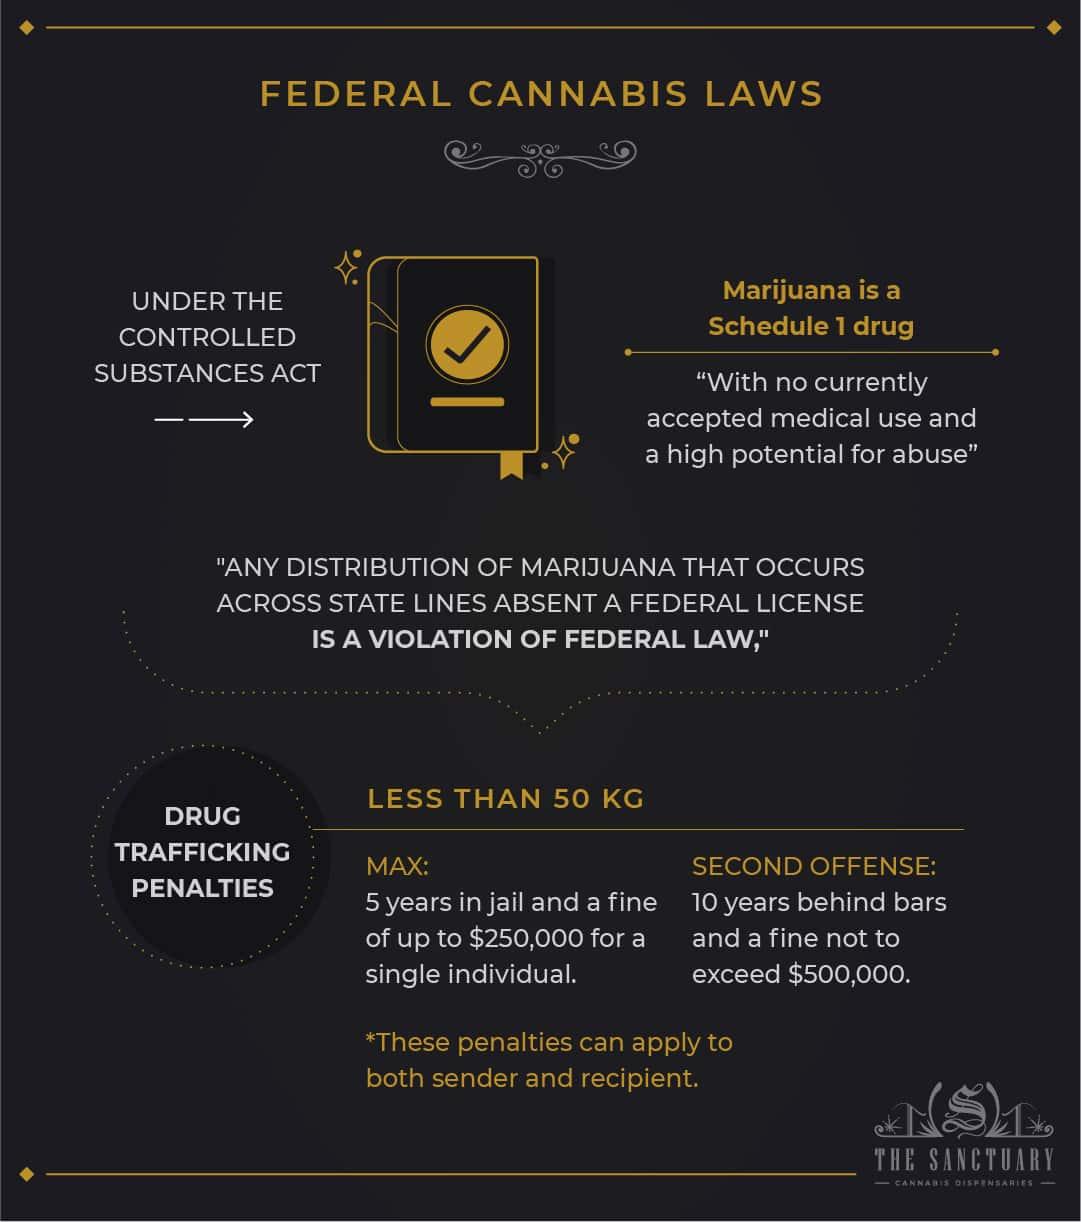 Federal cannabis laws